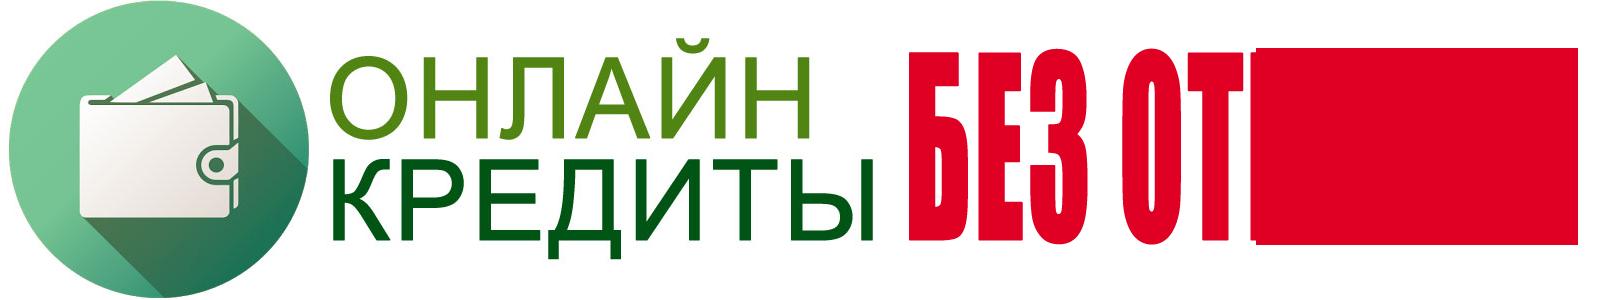 Онлайн кредиты в Украине - Как получить кредит онлайн